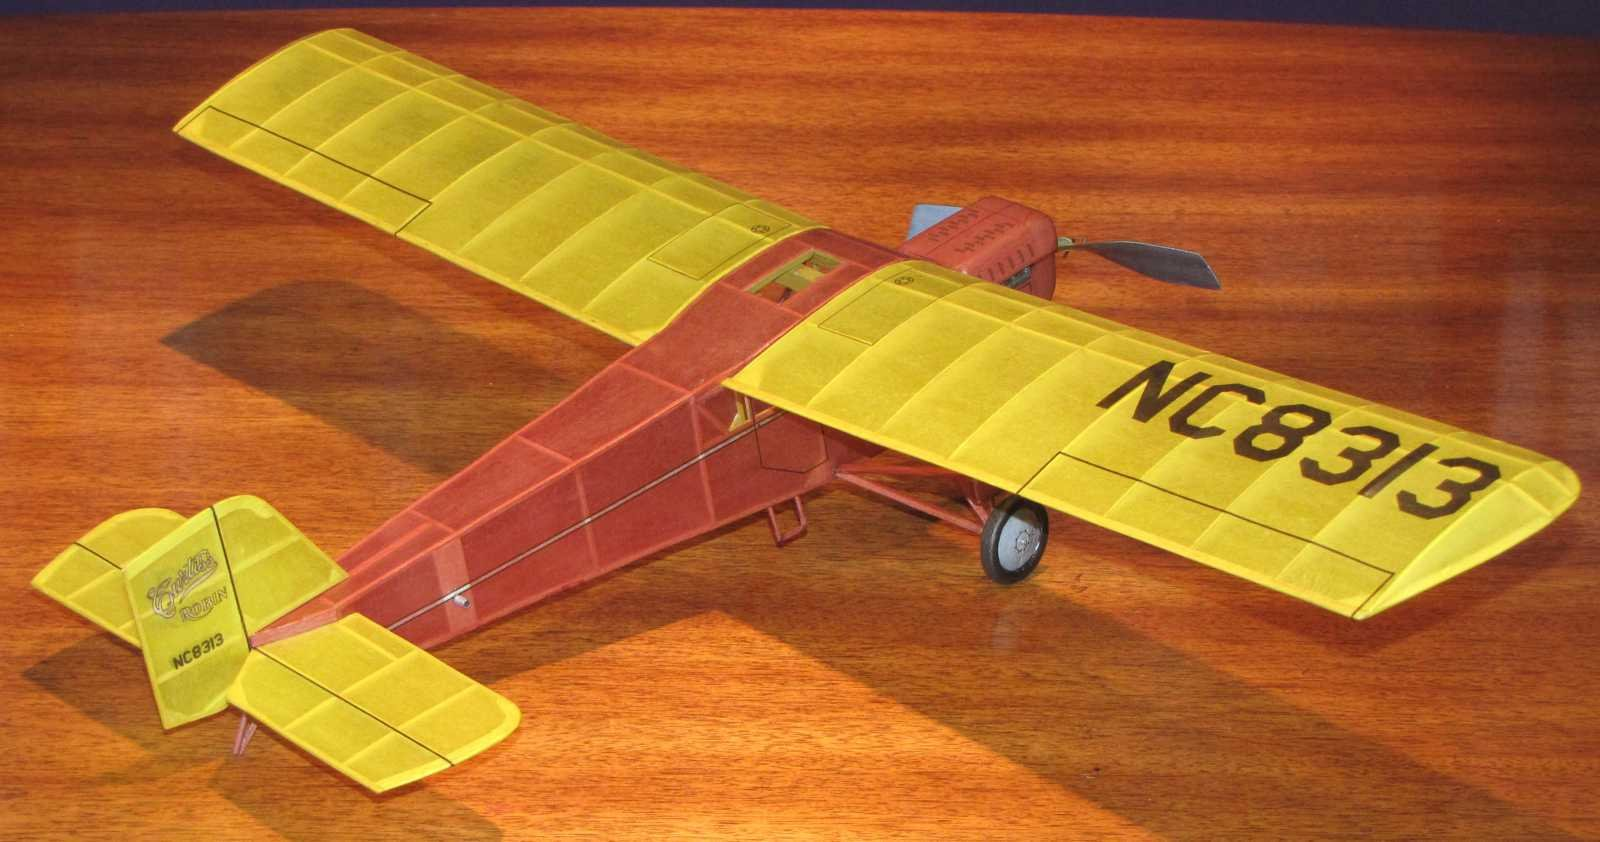 https://0201.nccdn.net/1_2/000/000/11d/202/Curtiss-Robin_03F-1600x842.jpg